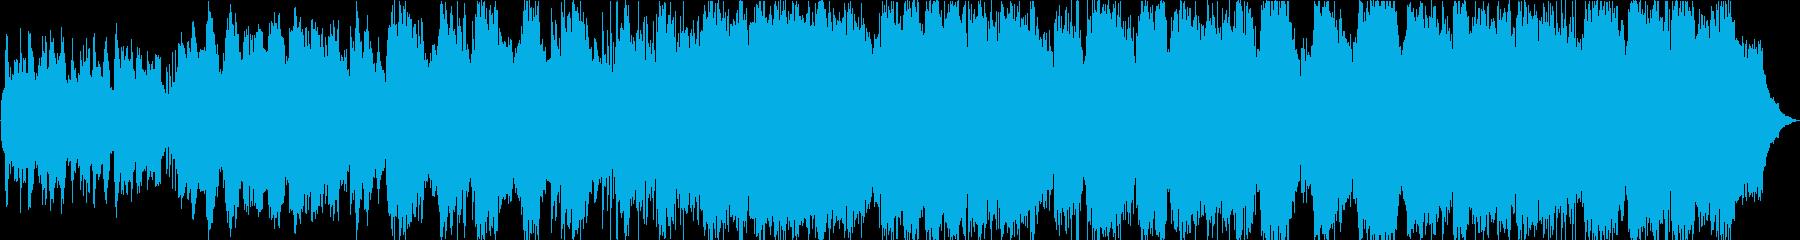 静かなピアノと竹笛のヒーリング音楽の再生済みの波形